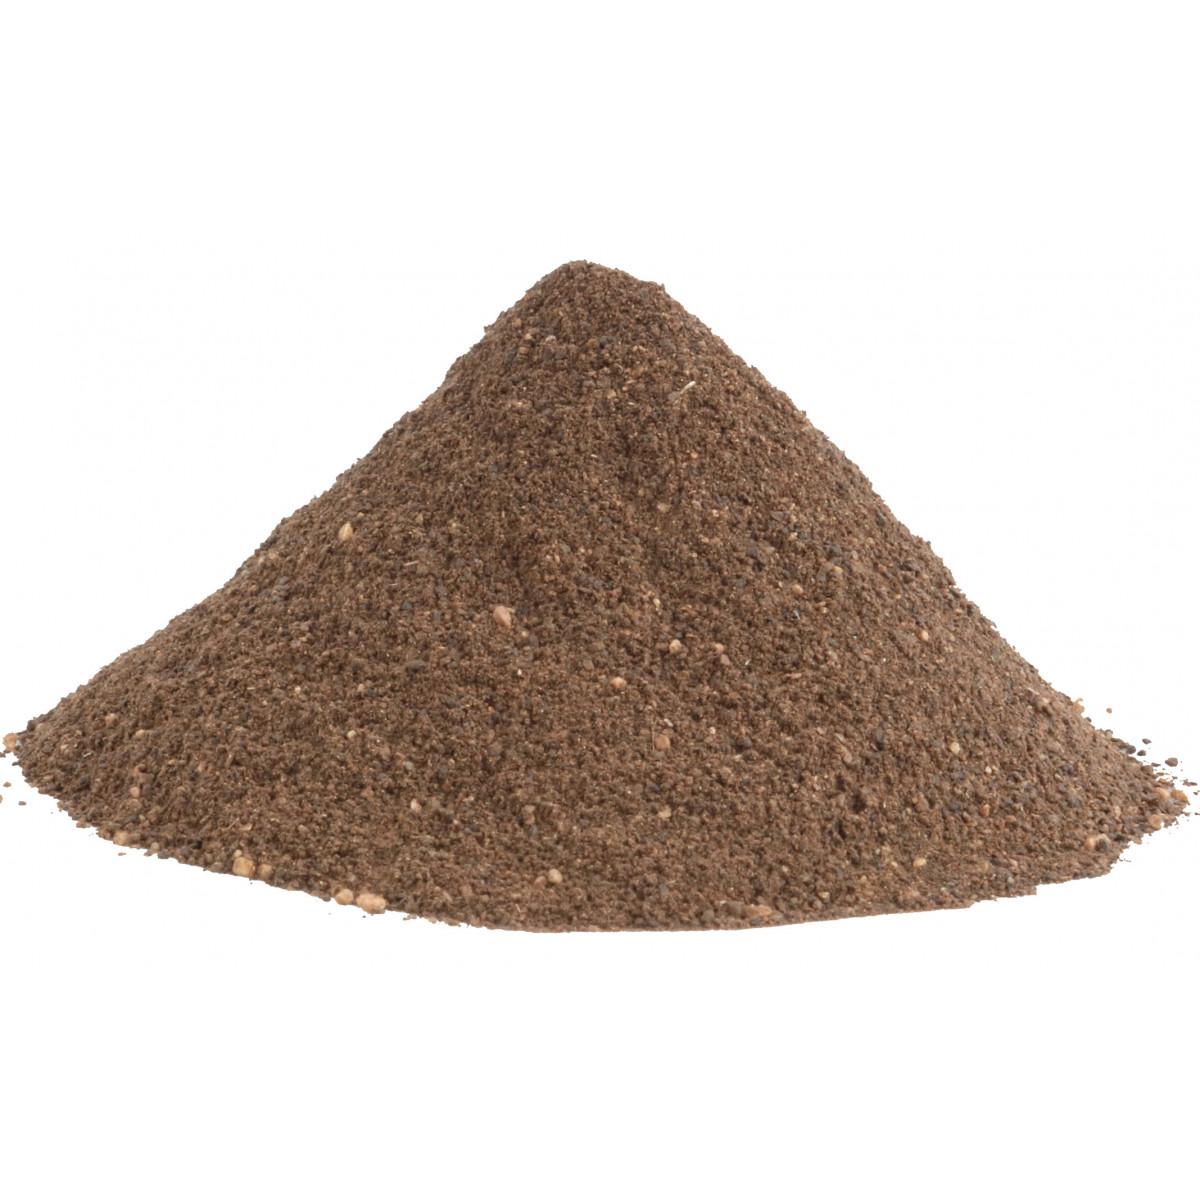 Brou de noix 100g